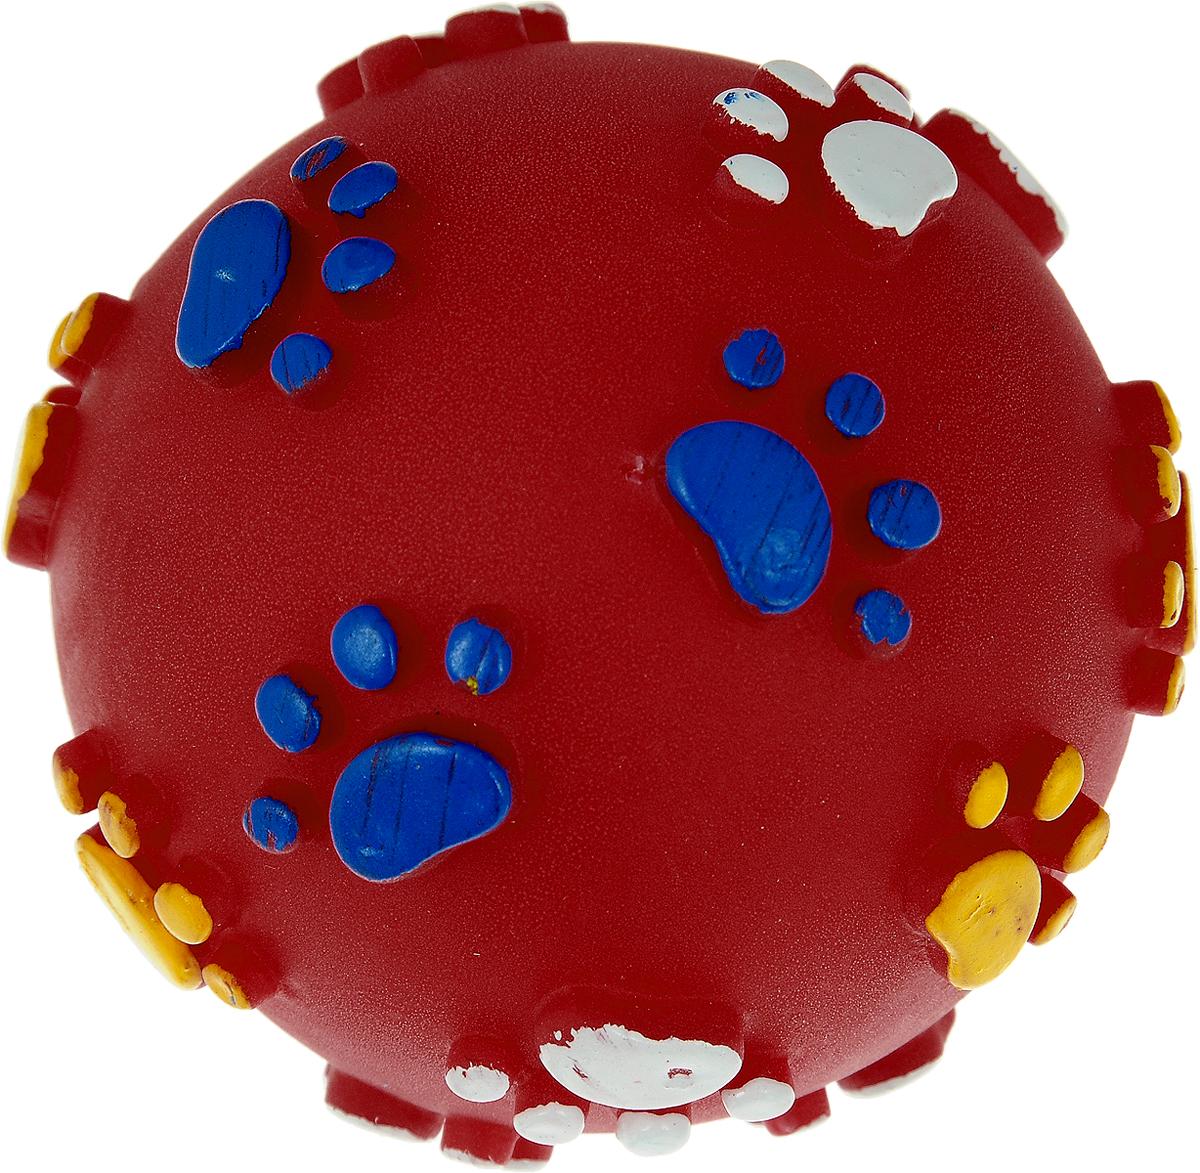 Игрушка для собак Каскад Мяч. Лапки, цвет: красный, диаметр 6 смPCS1_оранжевыйИгрушка для собак Каскад Мяч. Лапки изготовлена из мягкой и прочной безопасной резины, устойчивой к разгрызанию. Игрушка снабжена пищалкой и украшена рельефом в виде разноцветных лапок. Изделие отличается прочностью и в то же время гибкостью и эластичностью. Необычная и забавная игрушка прекрасно подойдет для игр вашей собаки.